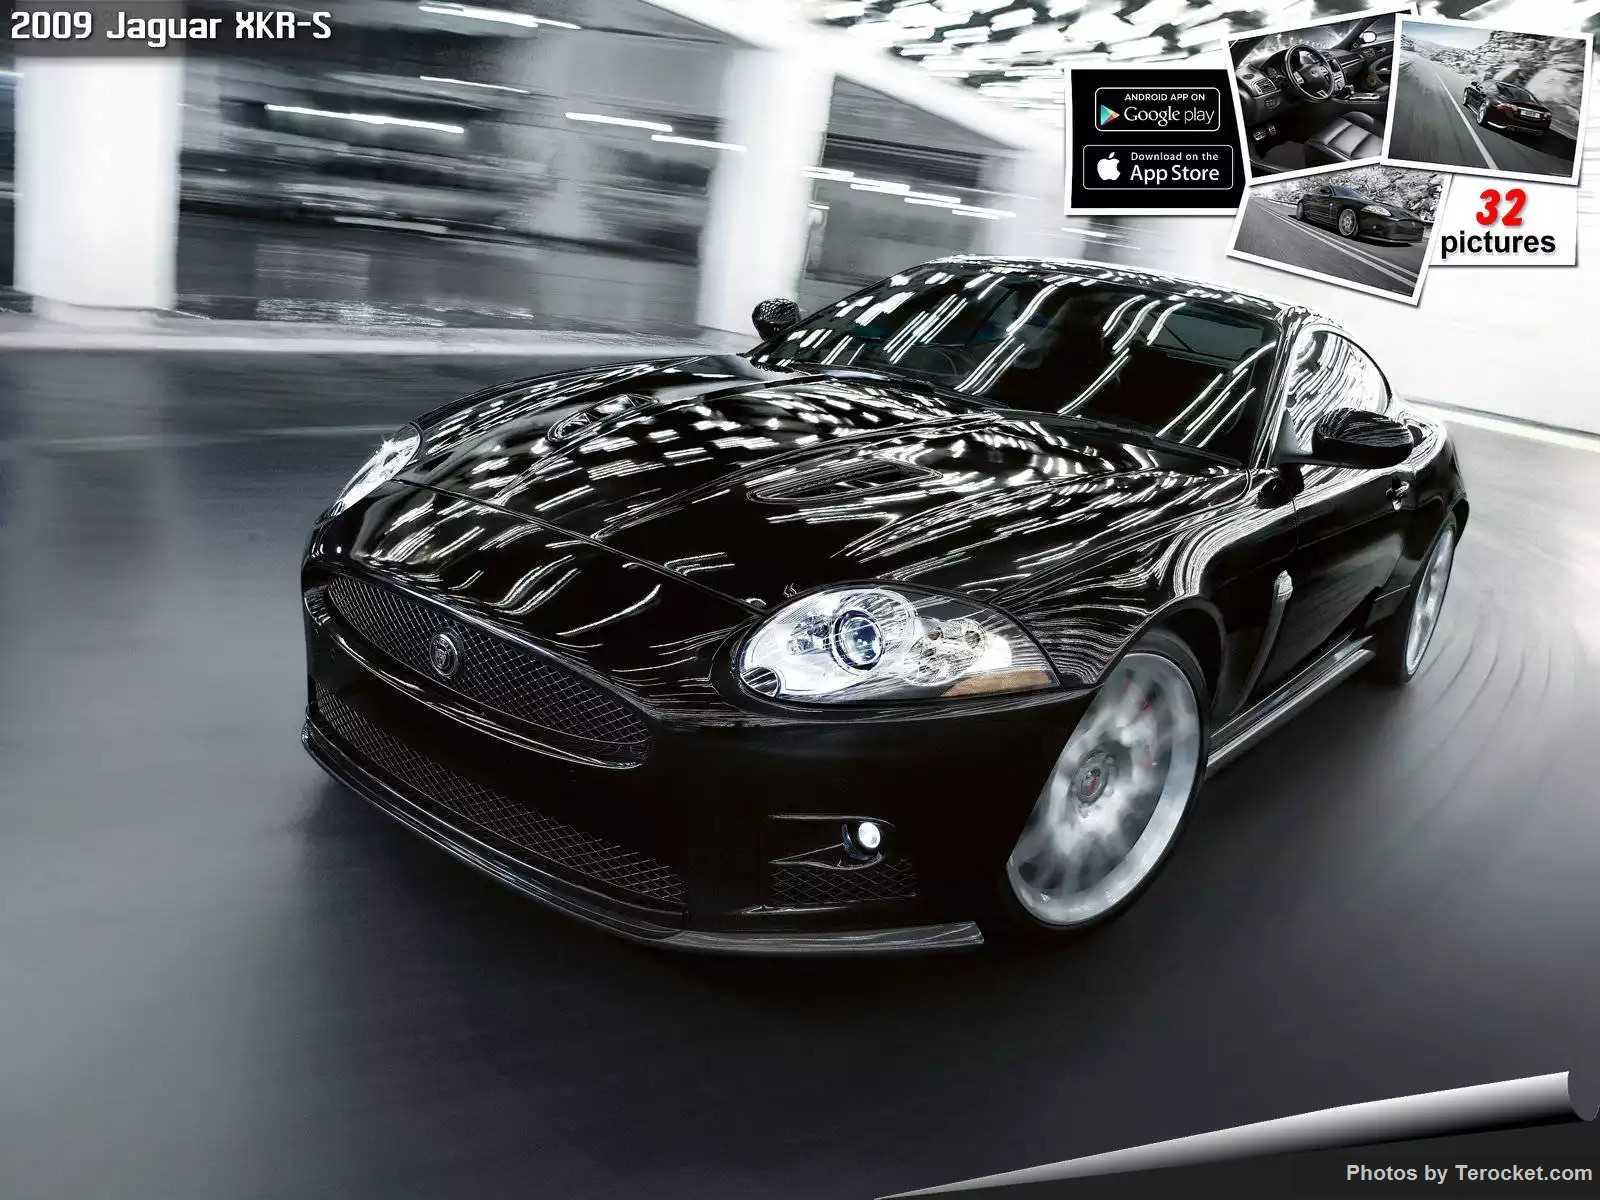 Hình ảnh xe ô tô Jaguar XKR-S 2009 & nội ngoại thất